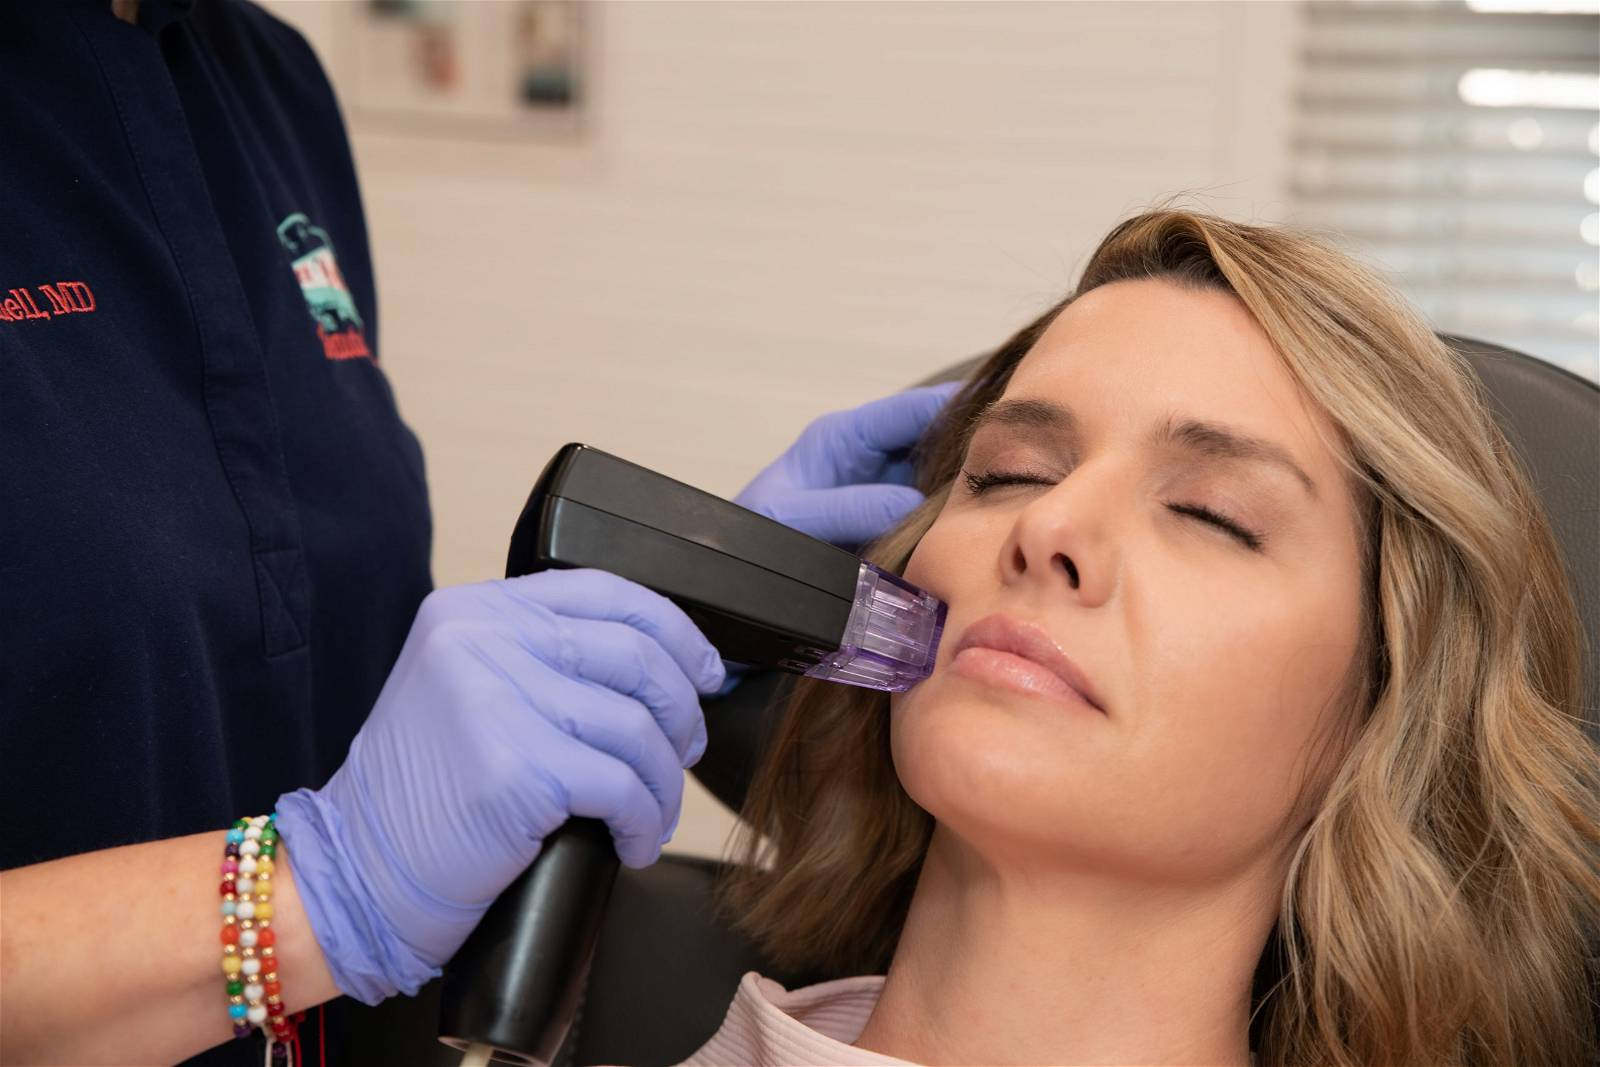 Morpheus8 treatment for face & skin tightening - Abilene, TX